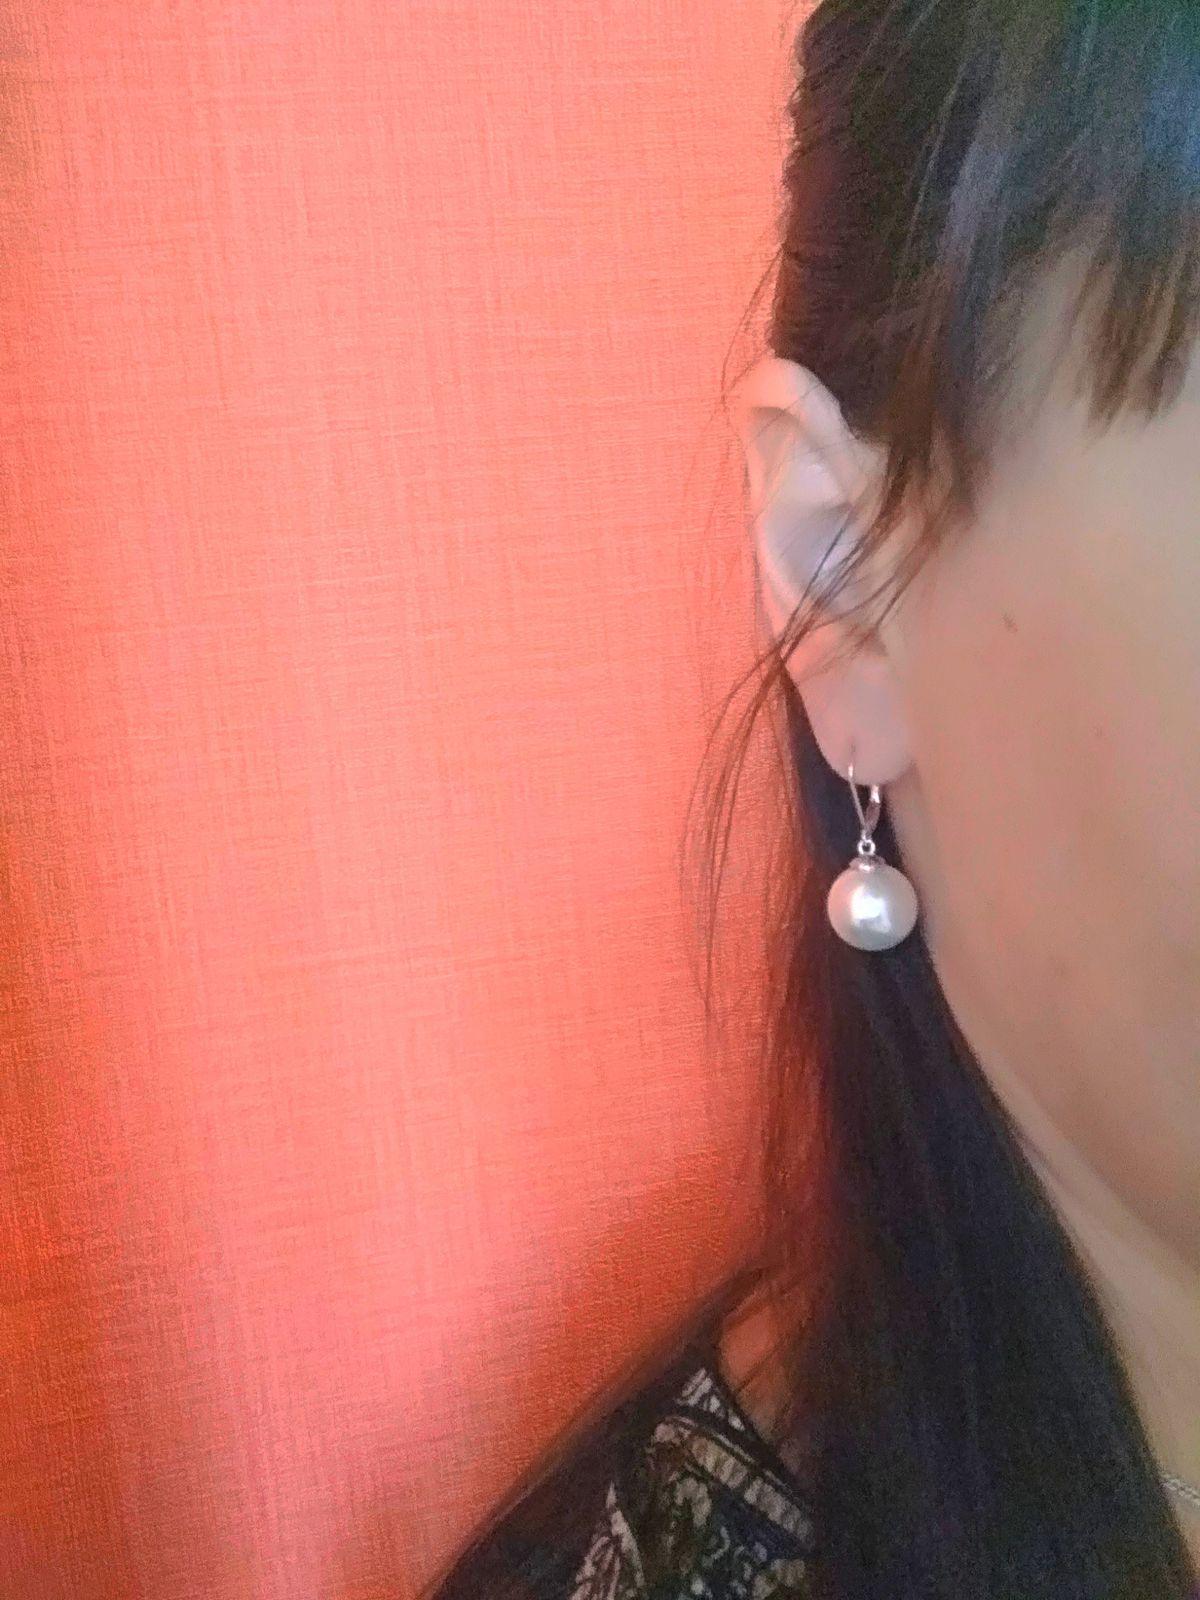 Серебряные серьги с жемчугом -отличное приобретение + хорошее настроение))